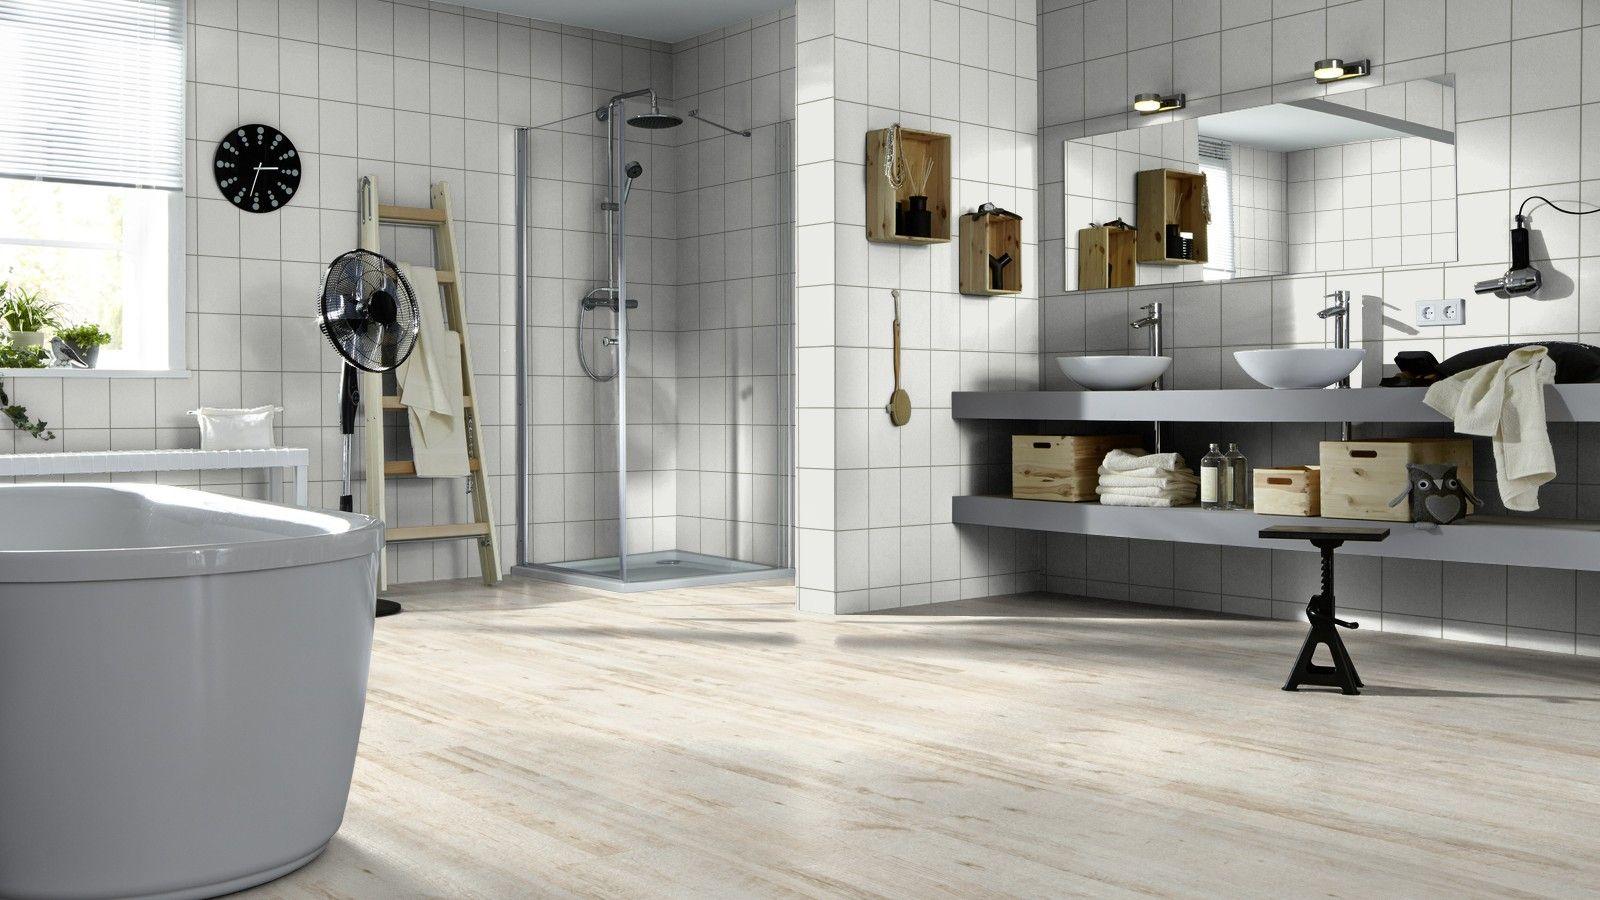 unser neues Bad   Neues bad, Badezimmer, Bad